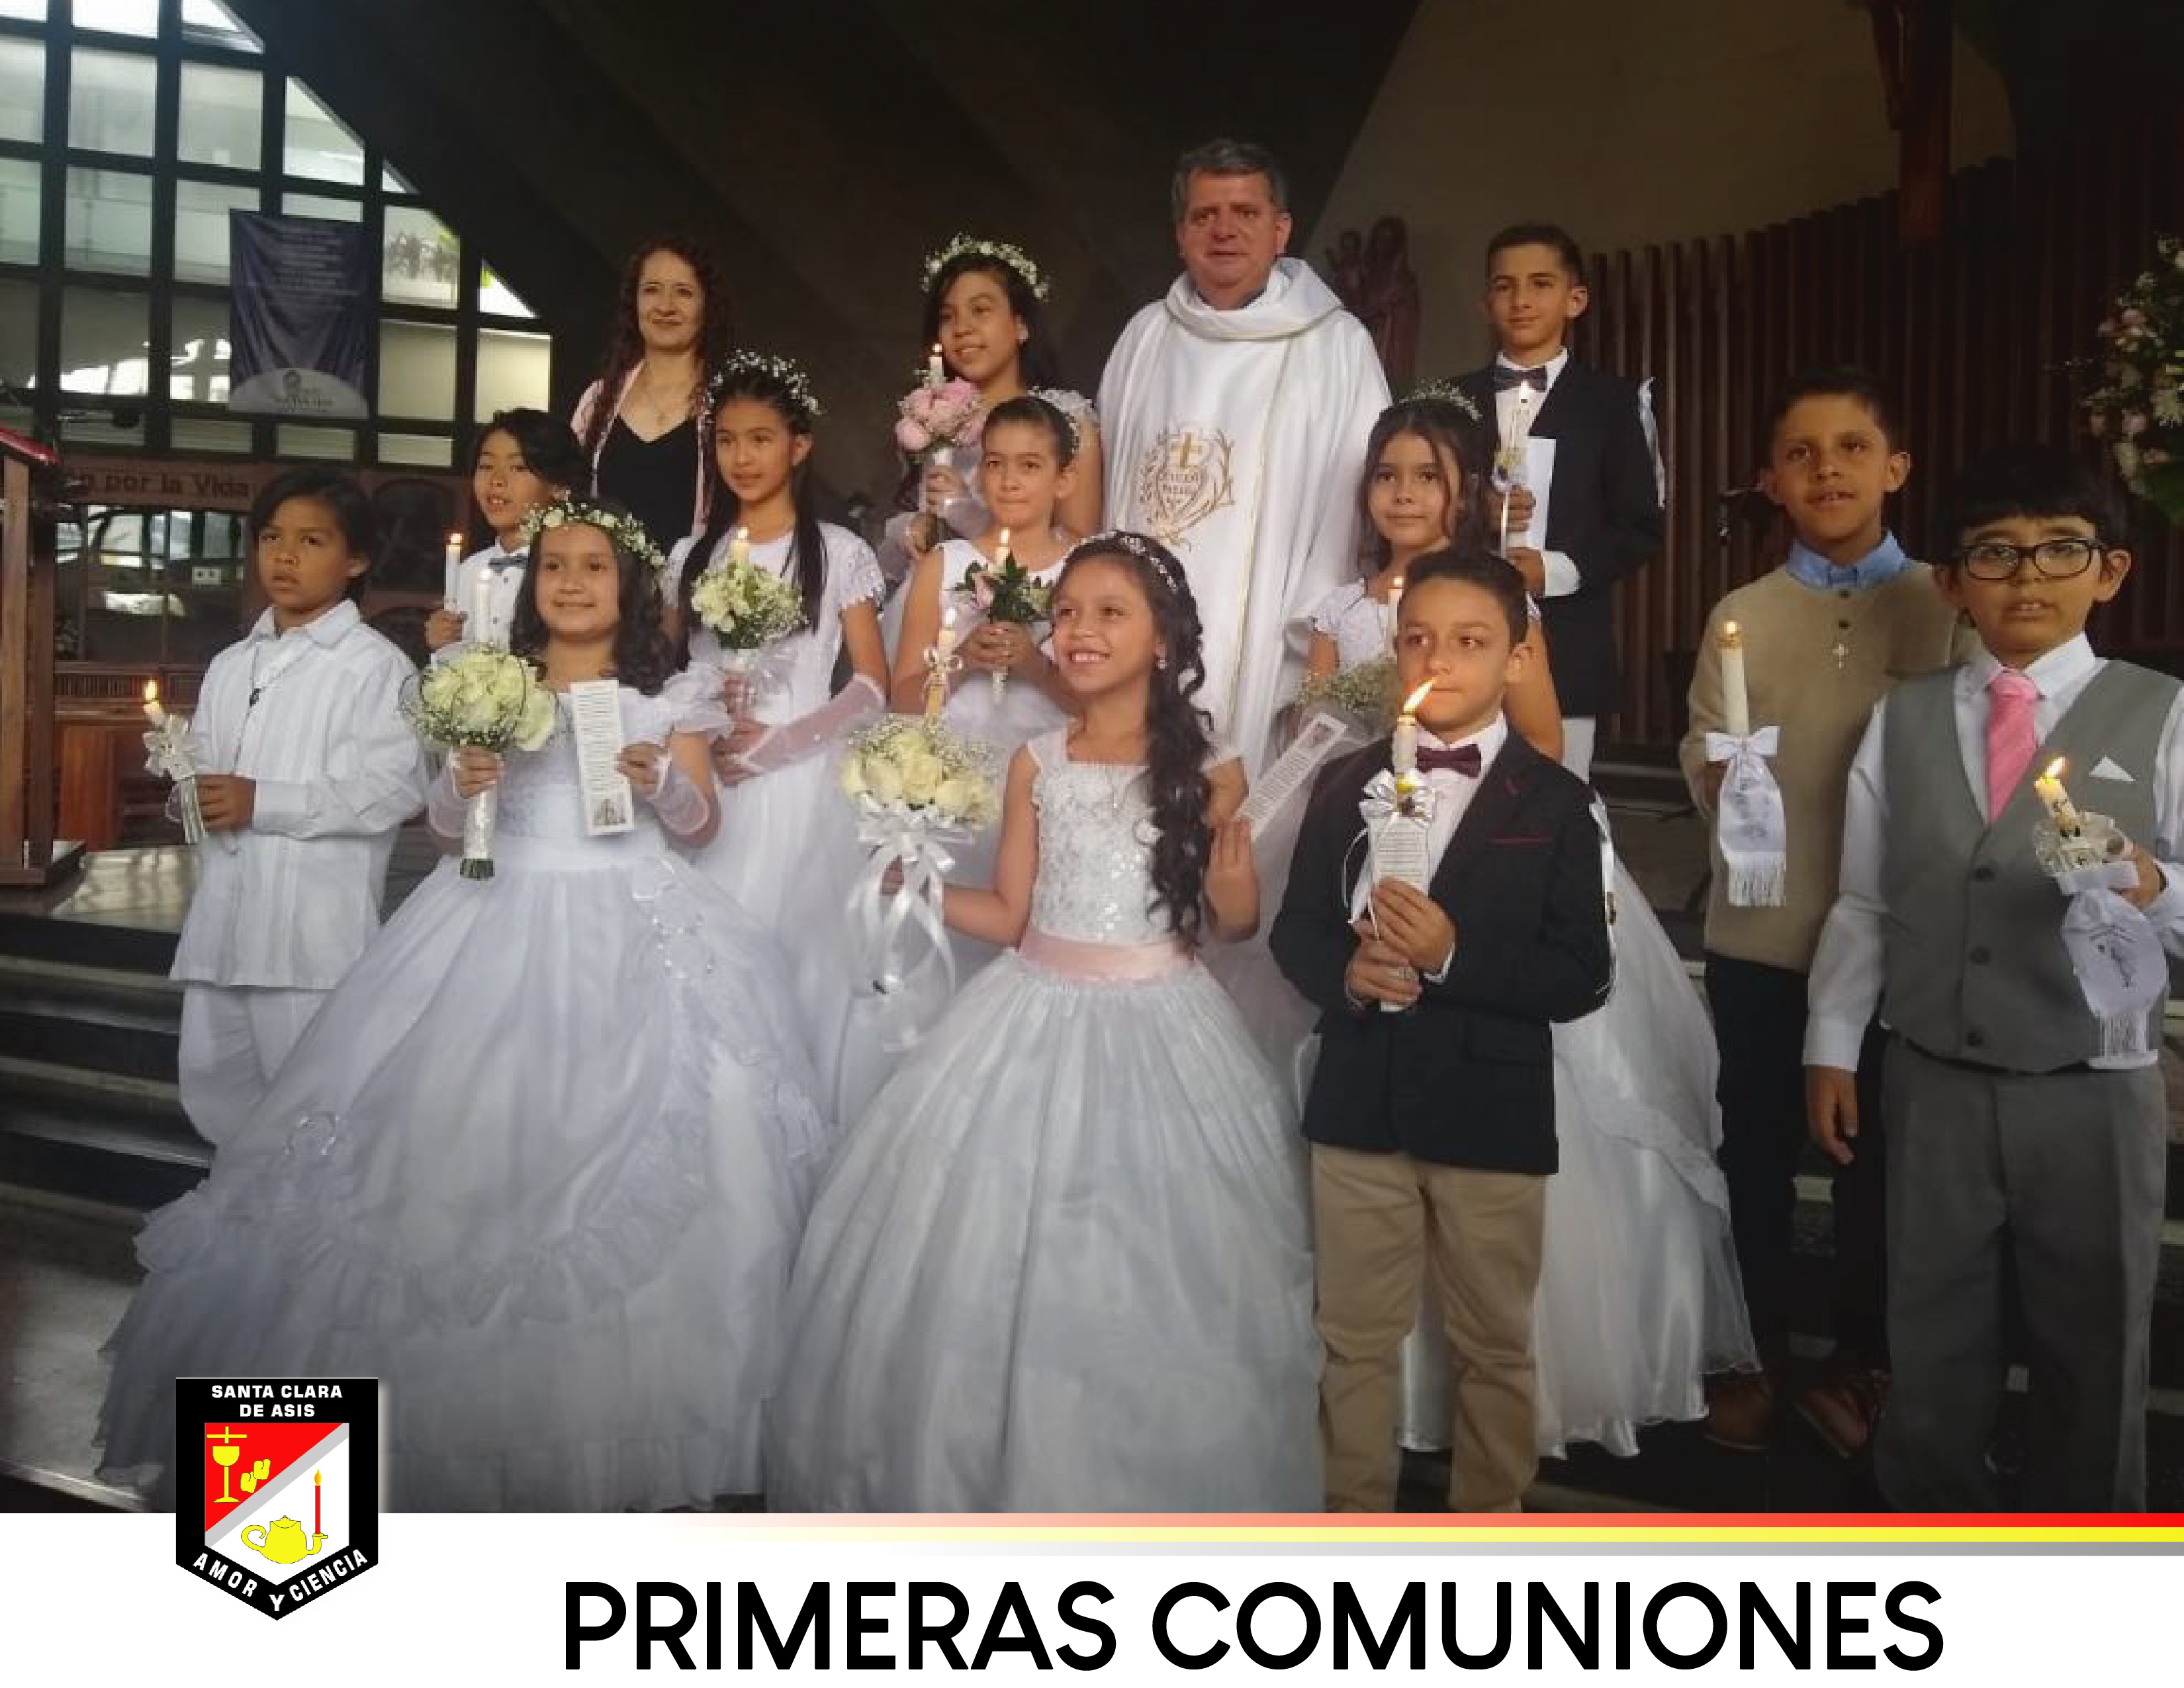 PRIM COM-01